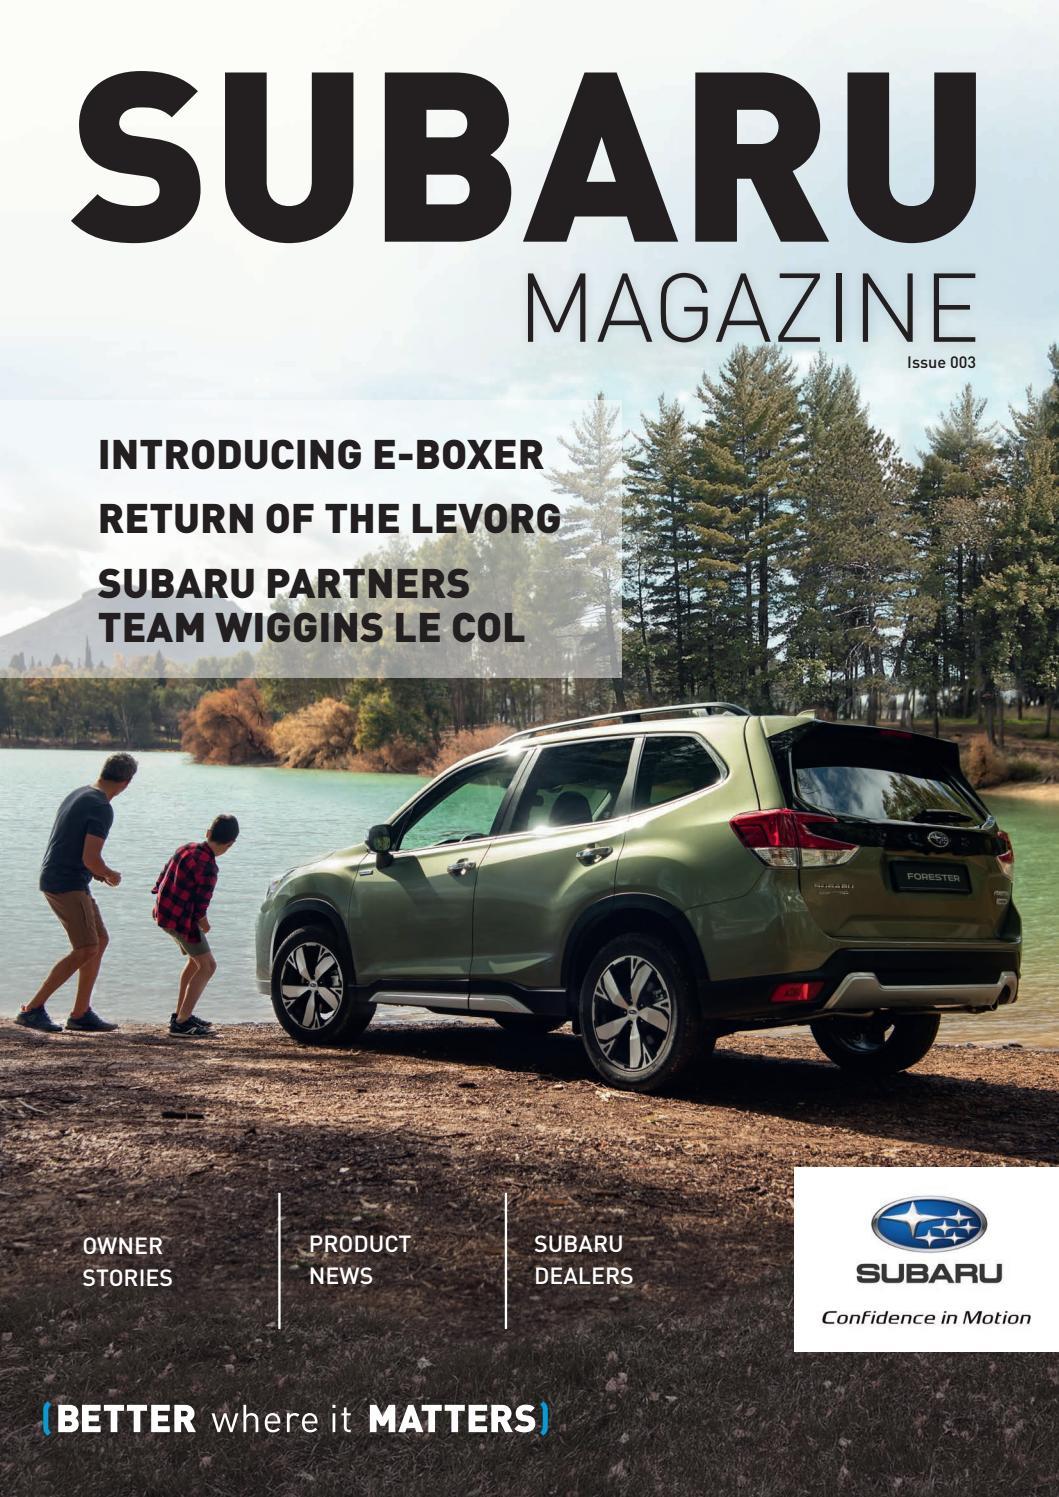 Subaru Magazine Issue 3, Summer 2019 by Subaru Magazine - issuu